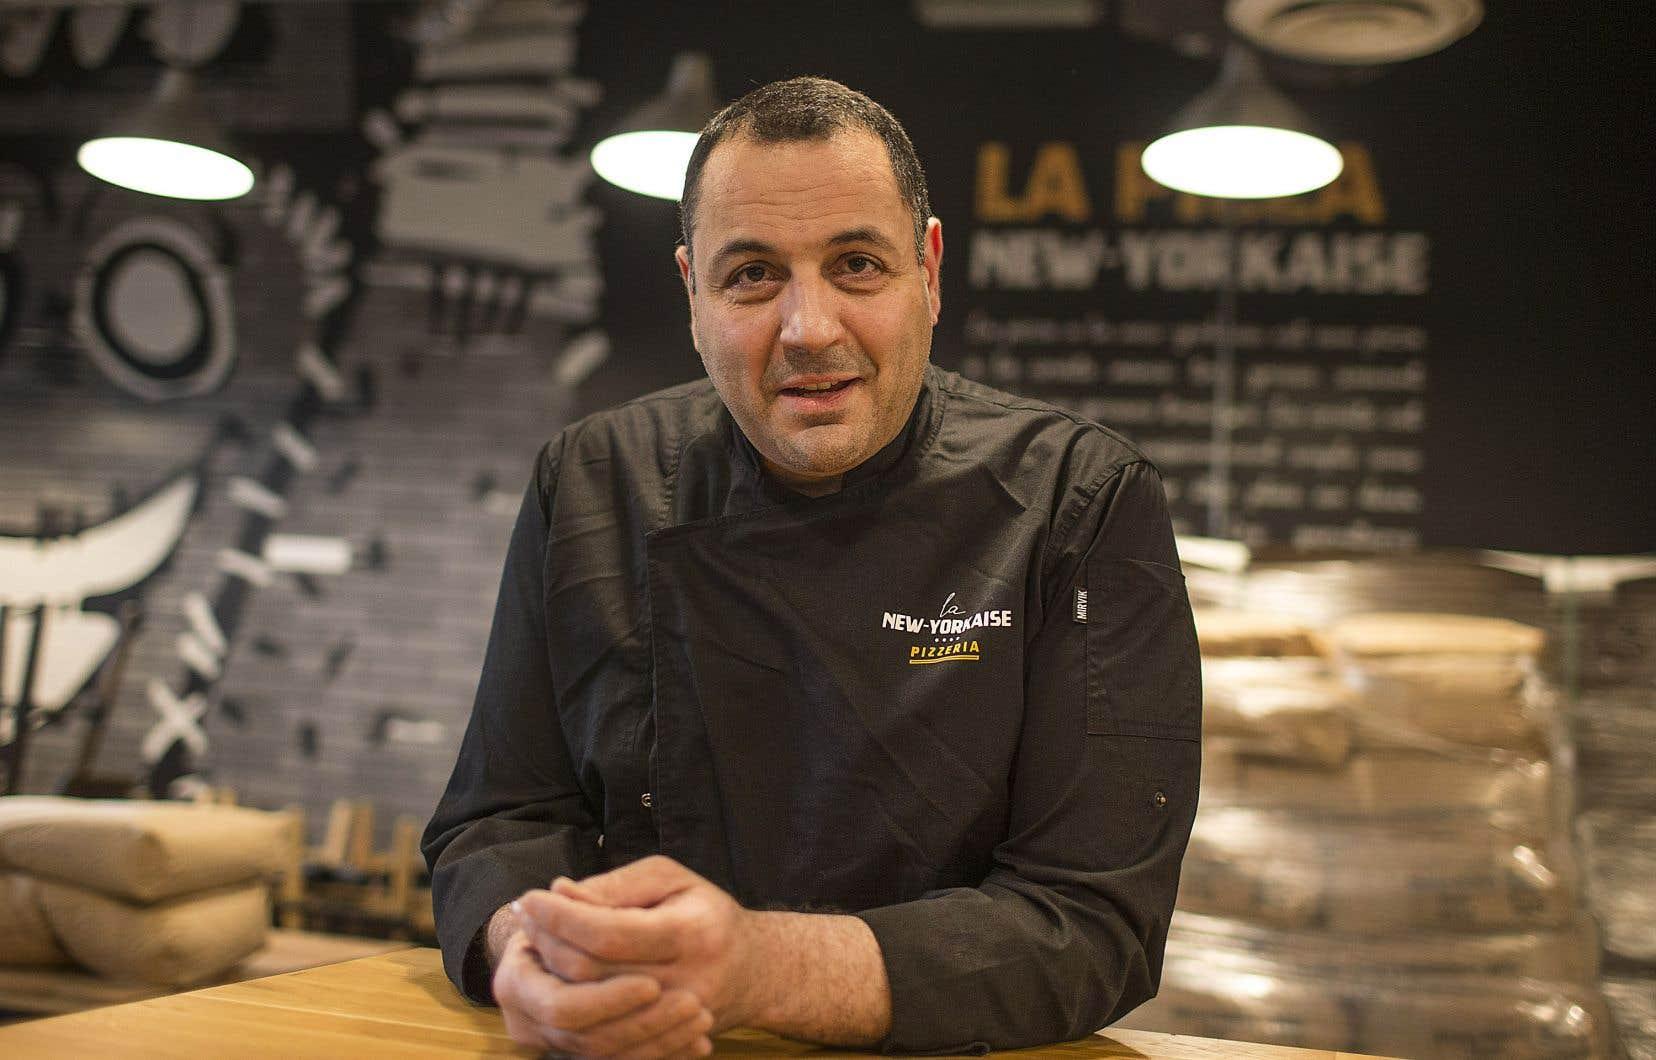 Le propriétaire de La New-Yorkaise, Reza Sedighi prévoyait une ouverture tous les jours, mais il ne peut servir ses clients que cinq jours sur sept, faute d'employés.